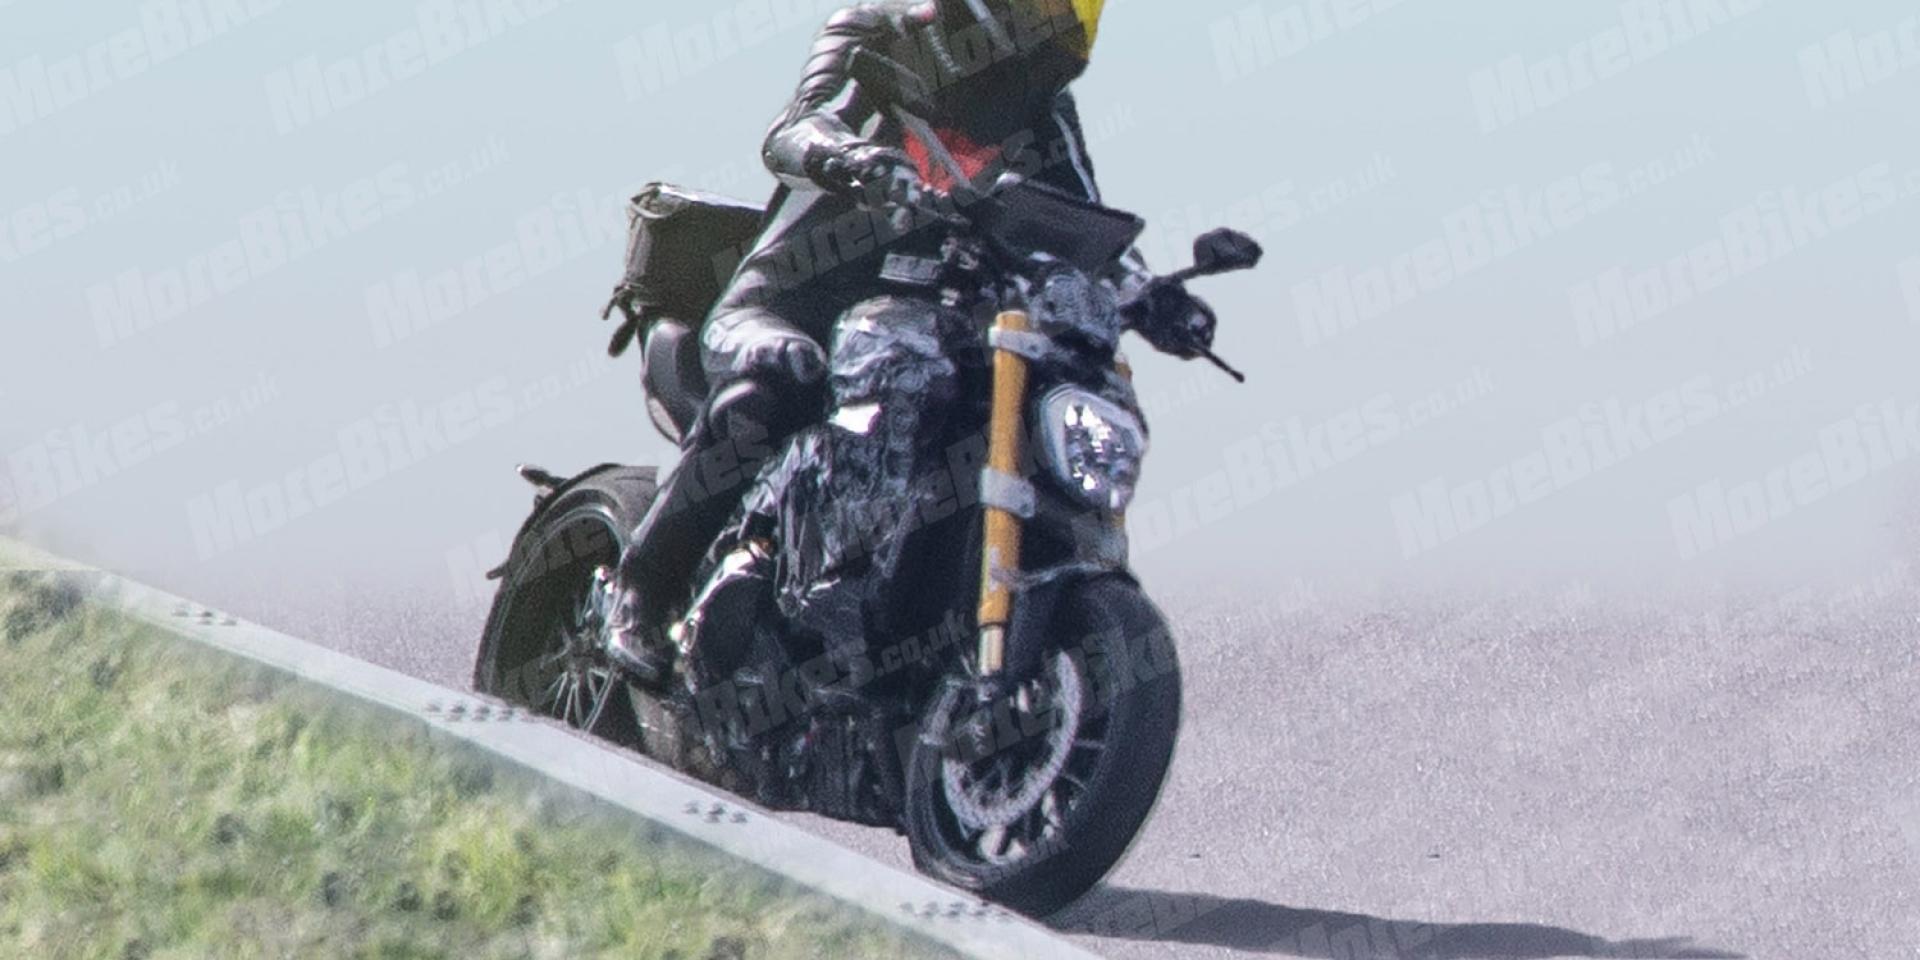 巡航皮、運動骨。全新Ducati Diavel測試車捕獲